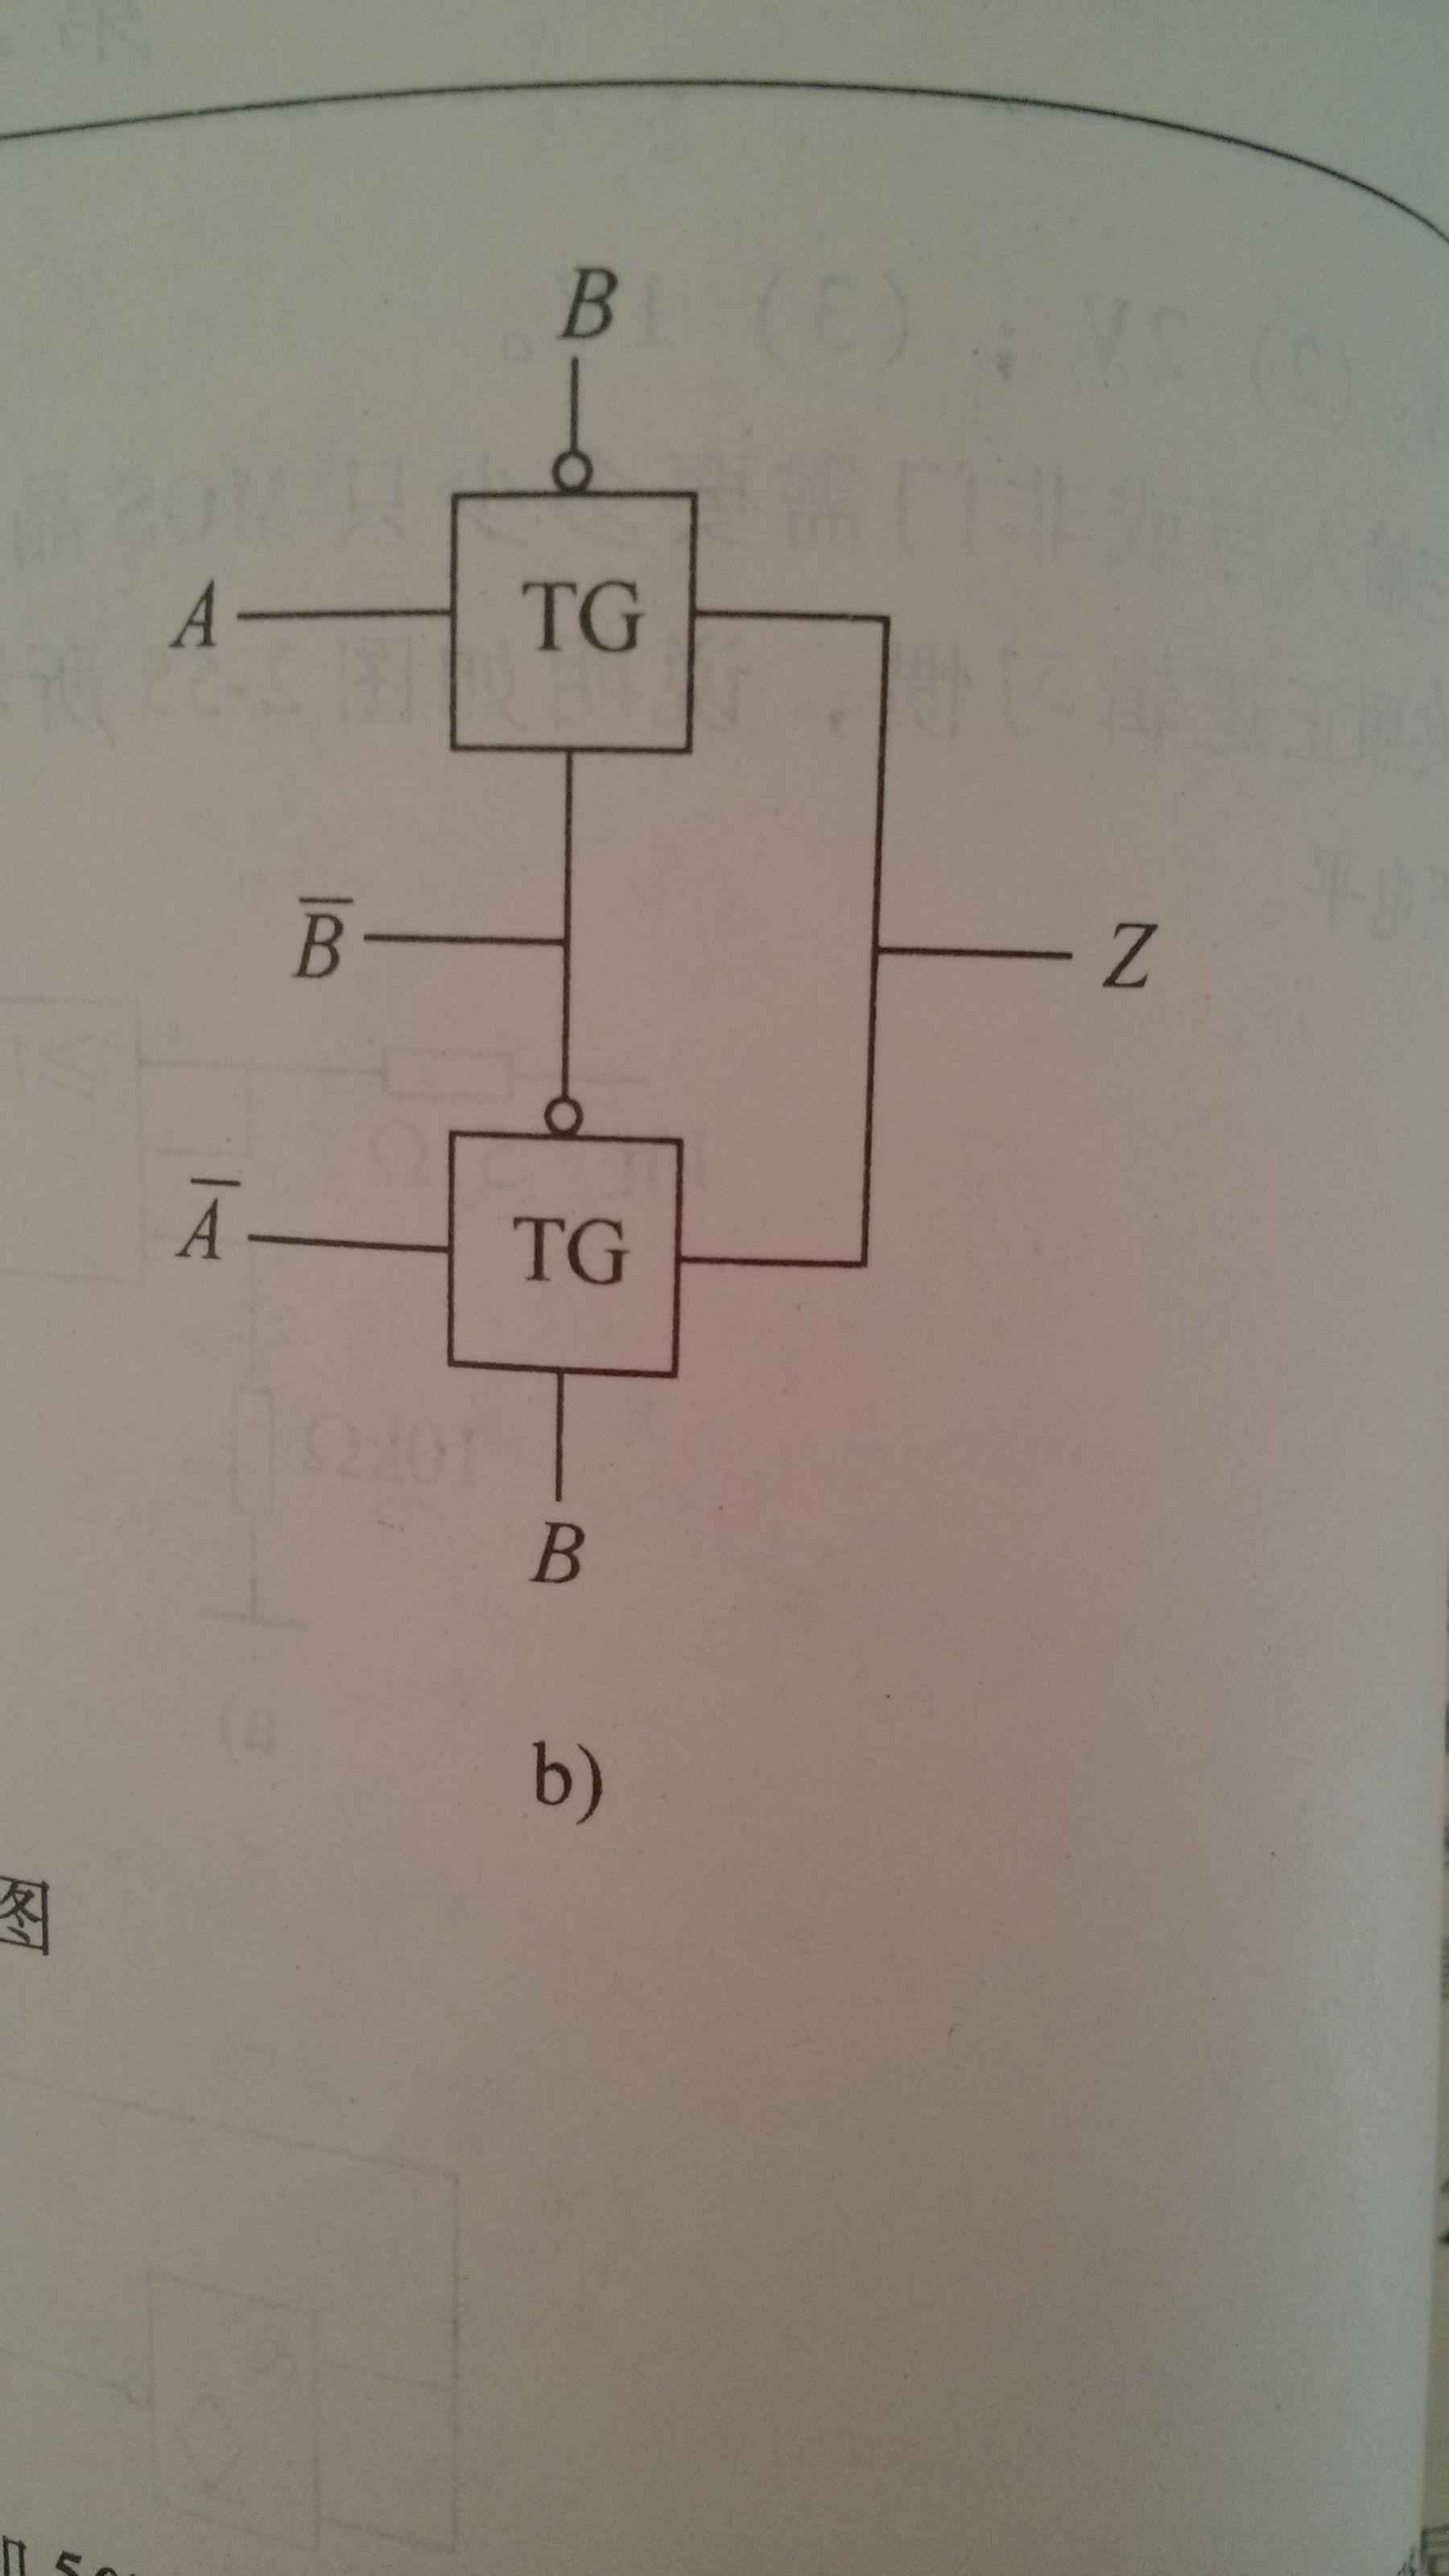 判断电路的逻辑功能